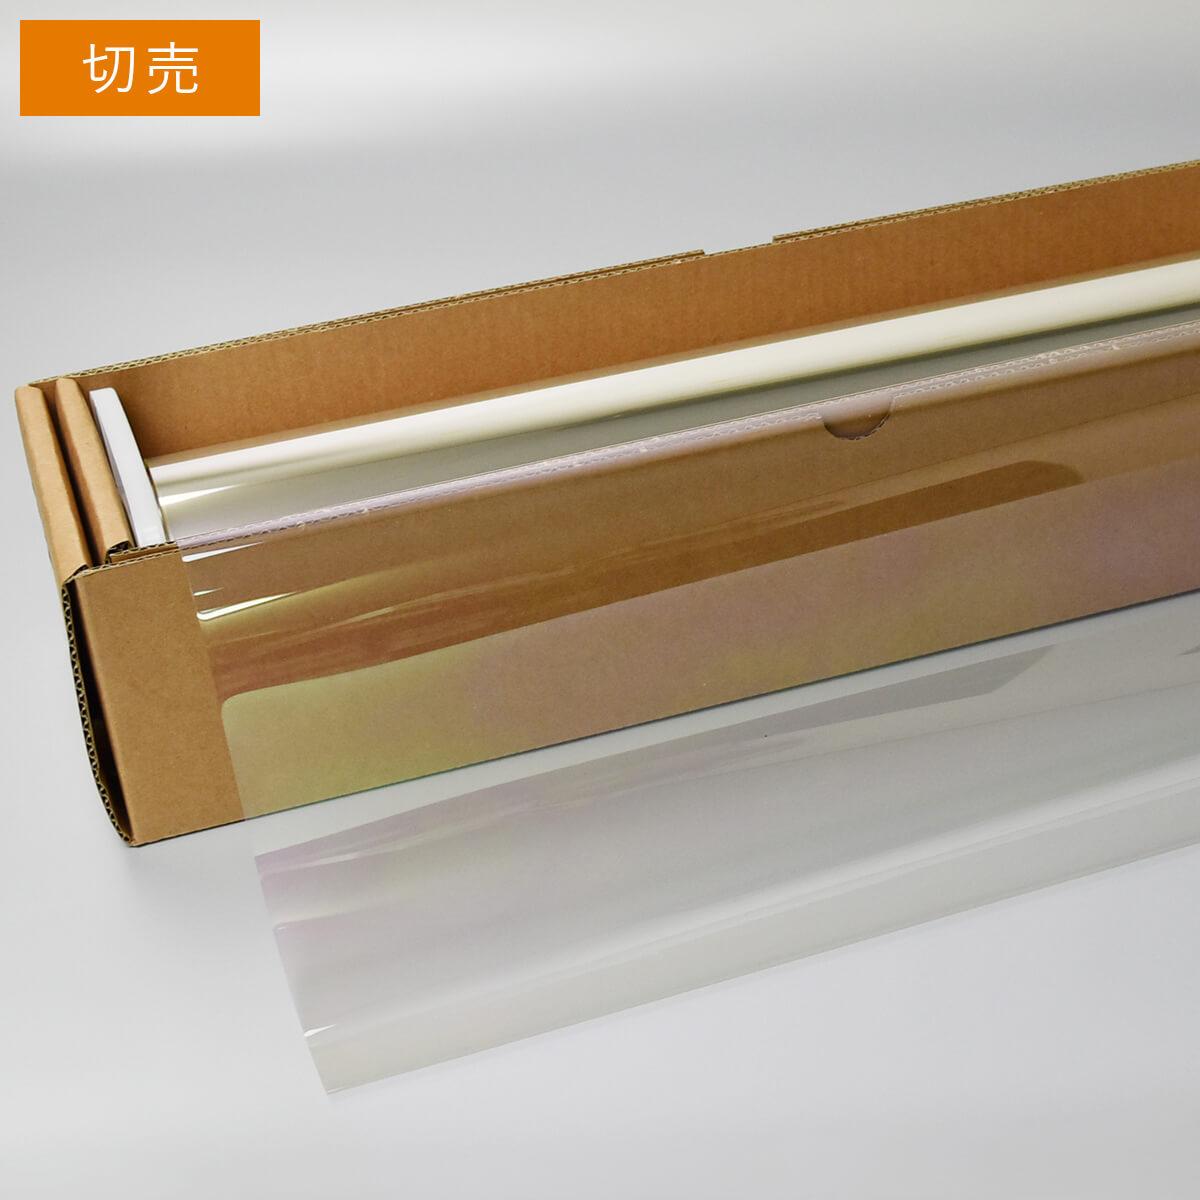 条件付き送料無料 カーフィルム GHOST(ゴースト) オーロラ80  1m幅 x 1m単位切売 多層マルチレイヤー オーロラフィルム80 飛散防止フィルム 遮熱フィルム 断熱フィルム UVカットフィルム ブレインテック Braintec